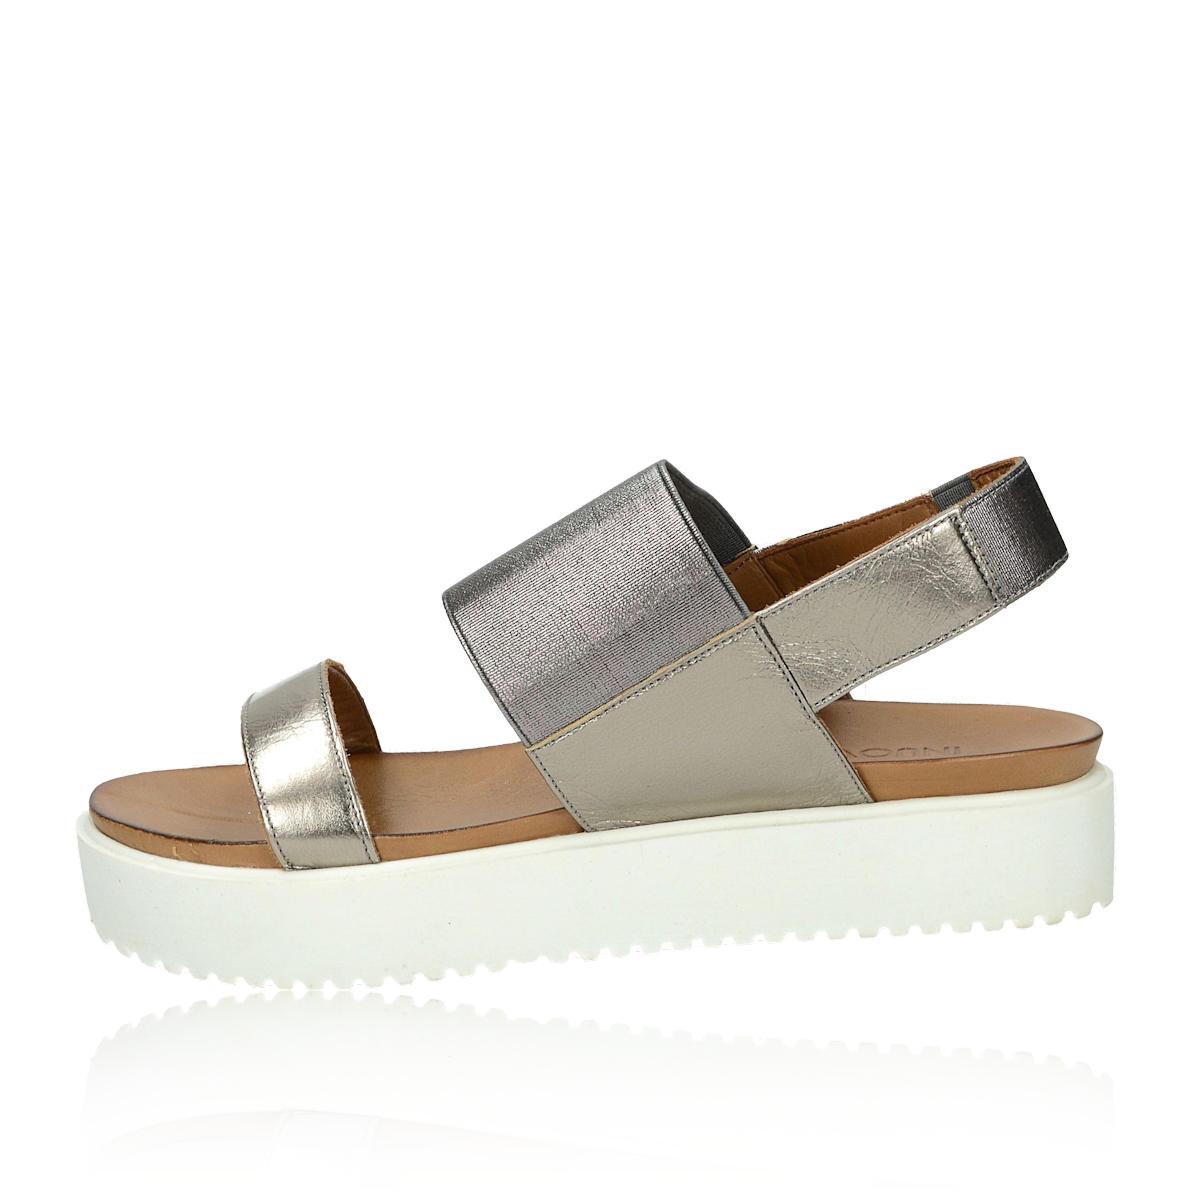 99b874587447 ... Inuovo dámske pohodlné sandále na platforme - zlaté ...